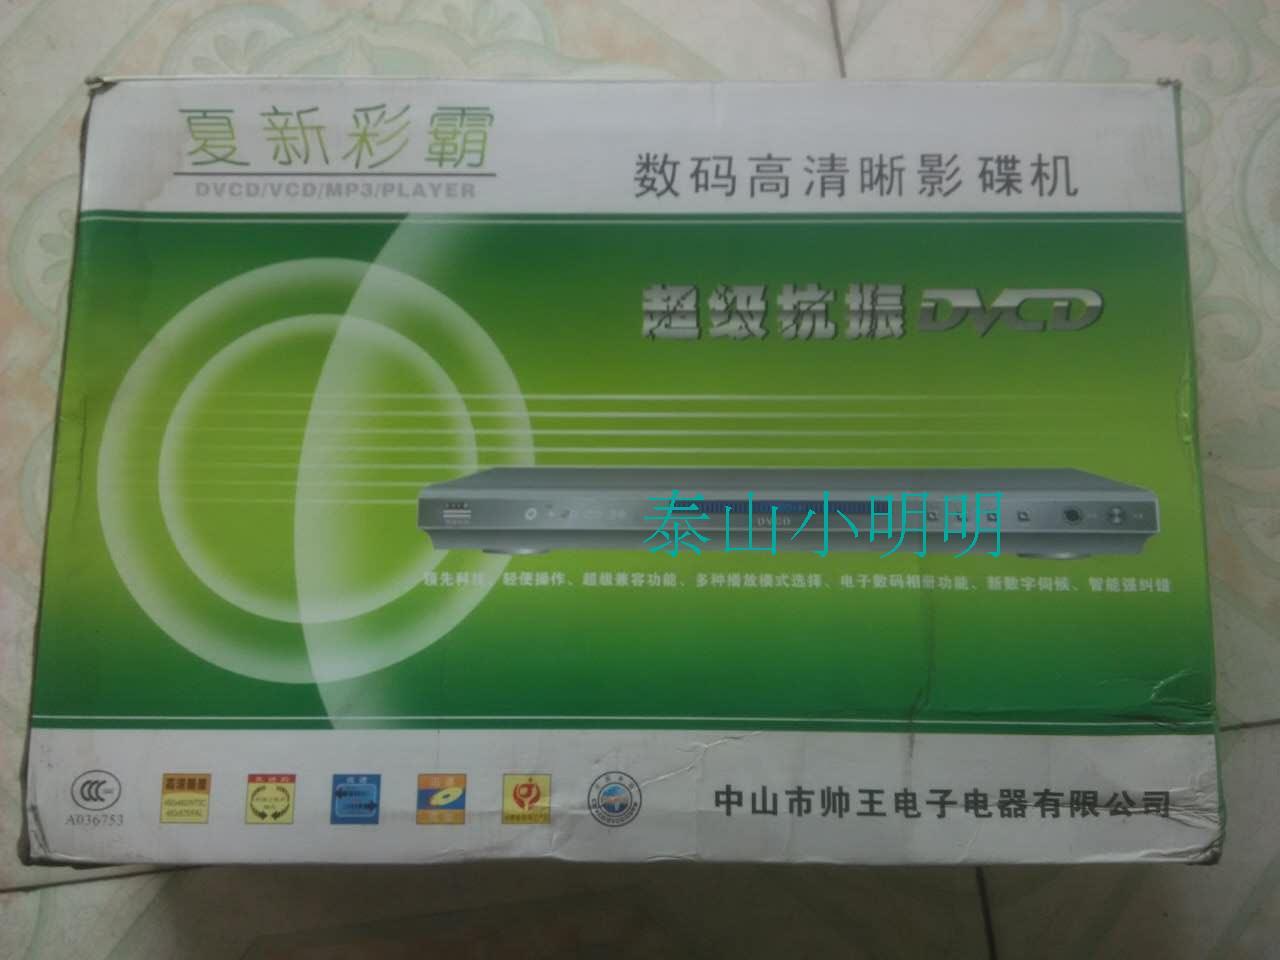 夏新980 dvcd影碟机 金属外壳 播放器 mp3 光盘机图片